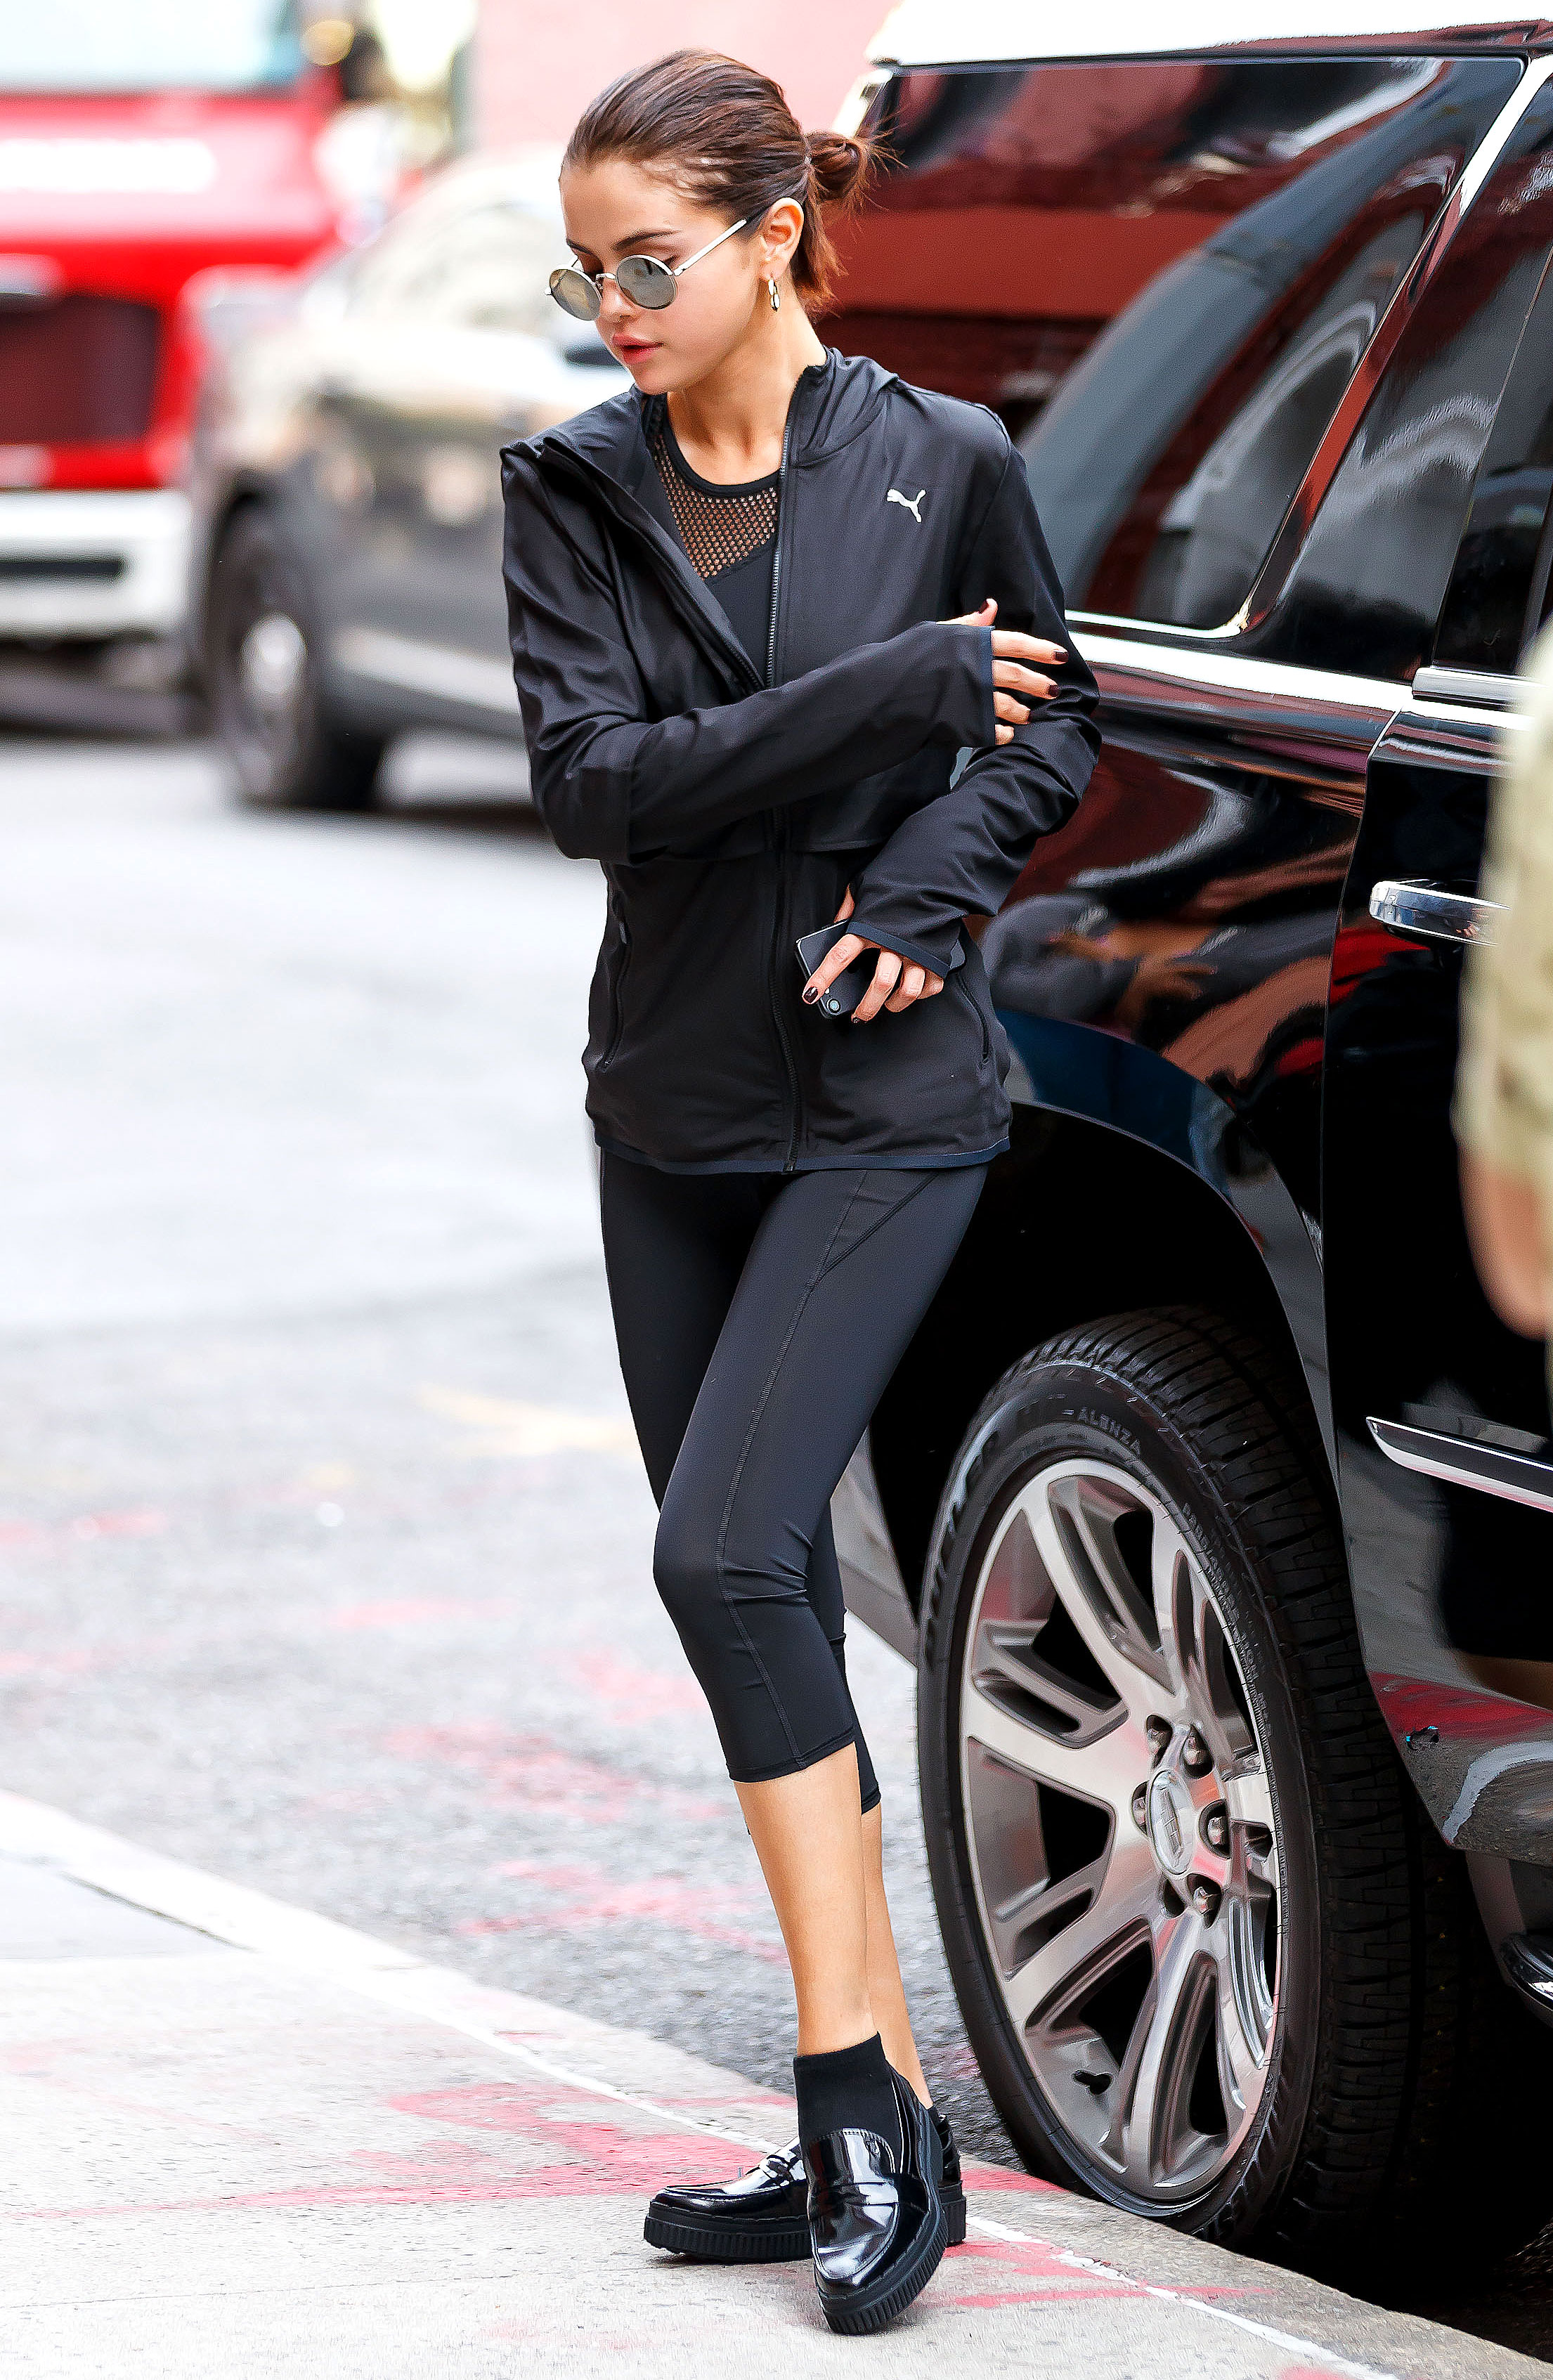 selena gomez mặc áo khoác thể thao quần legging giày loafer đen theo phong cách athleisure